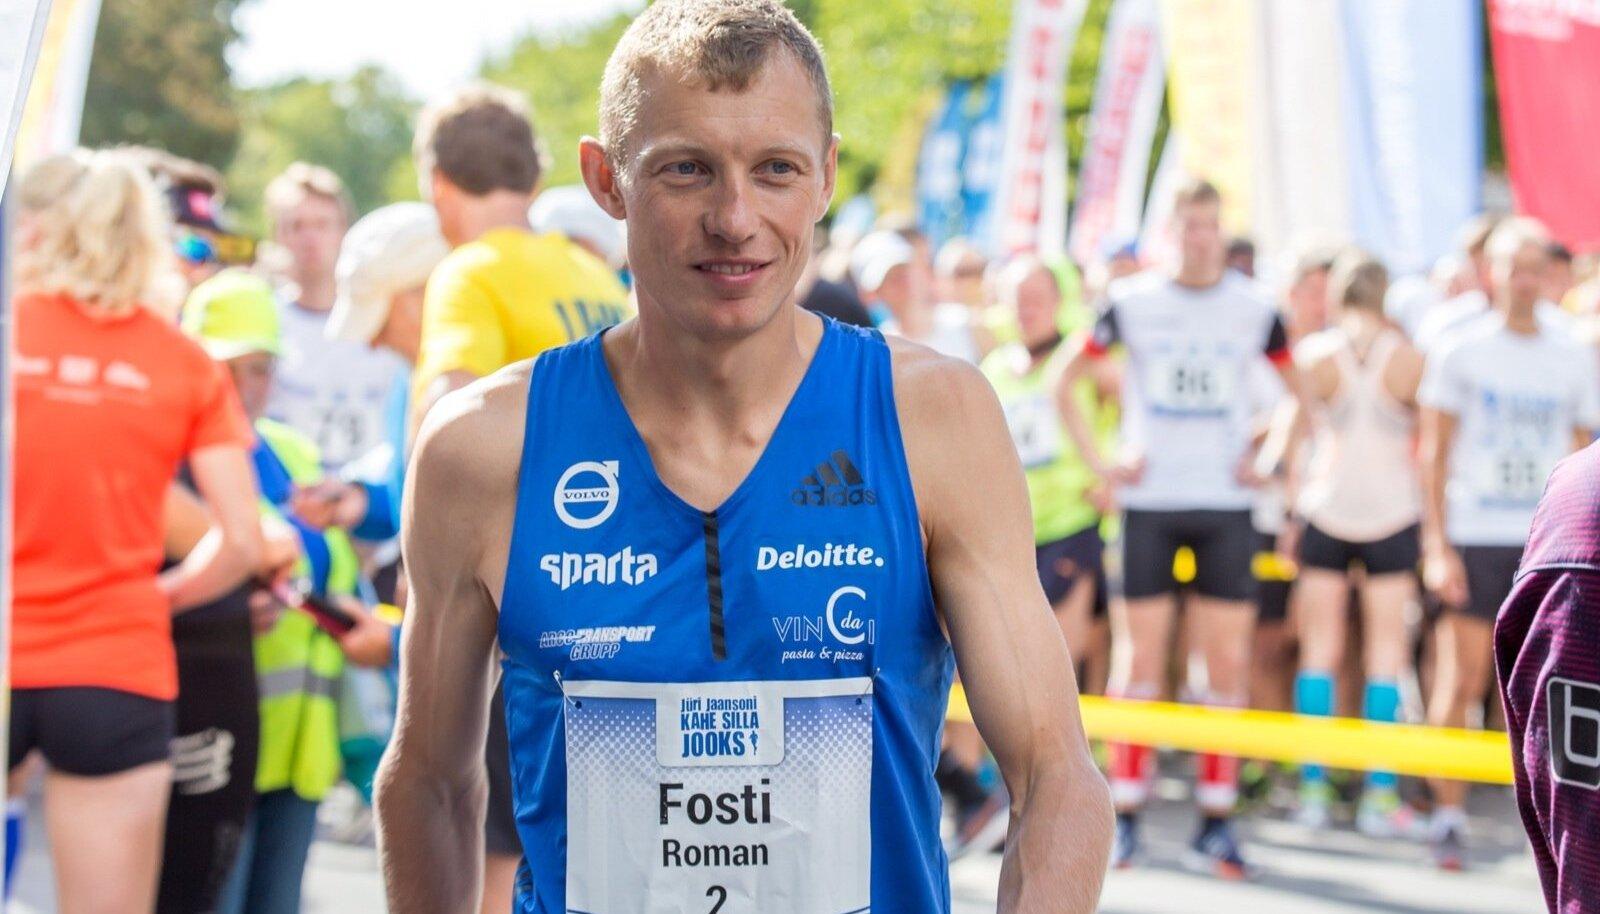 Roman Fosti.